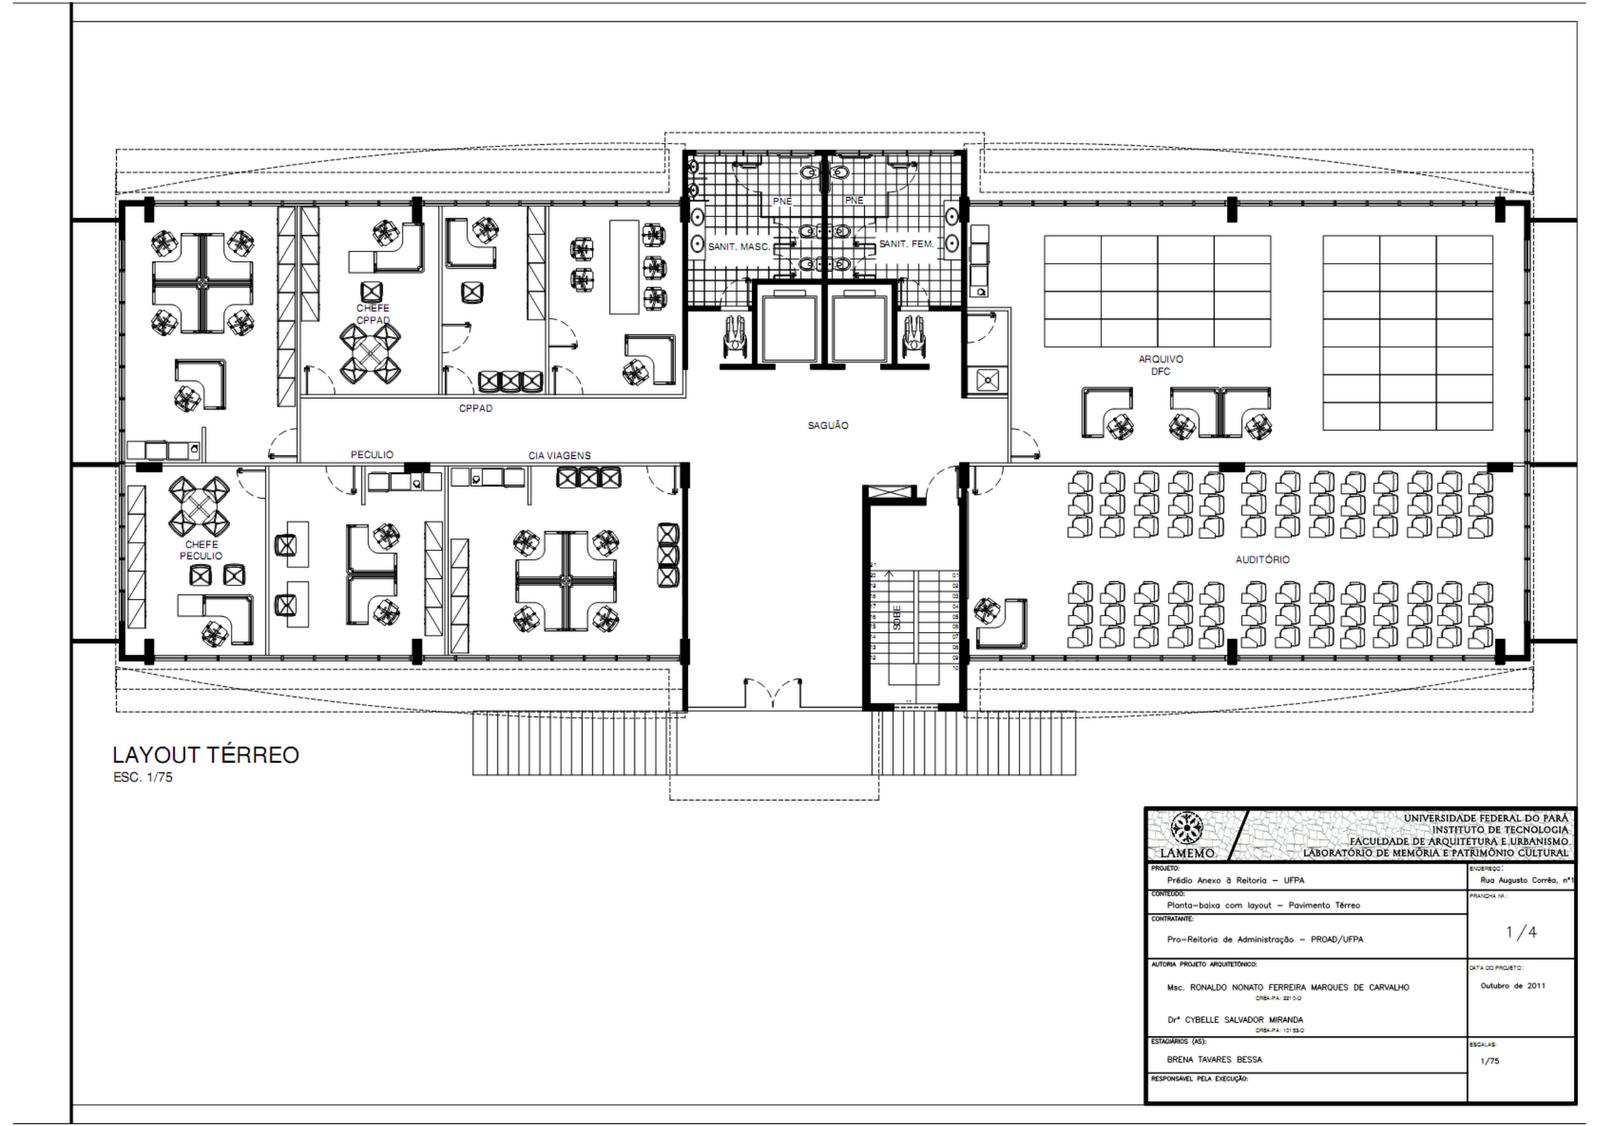 Pin Projetos Banheiros Salvador Bahia Artigos Para Ajilbabcom Portal  #6E5D6C 1600x1126 Banheiro Acessivel Cad Blocos